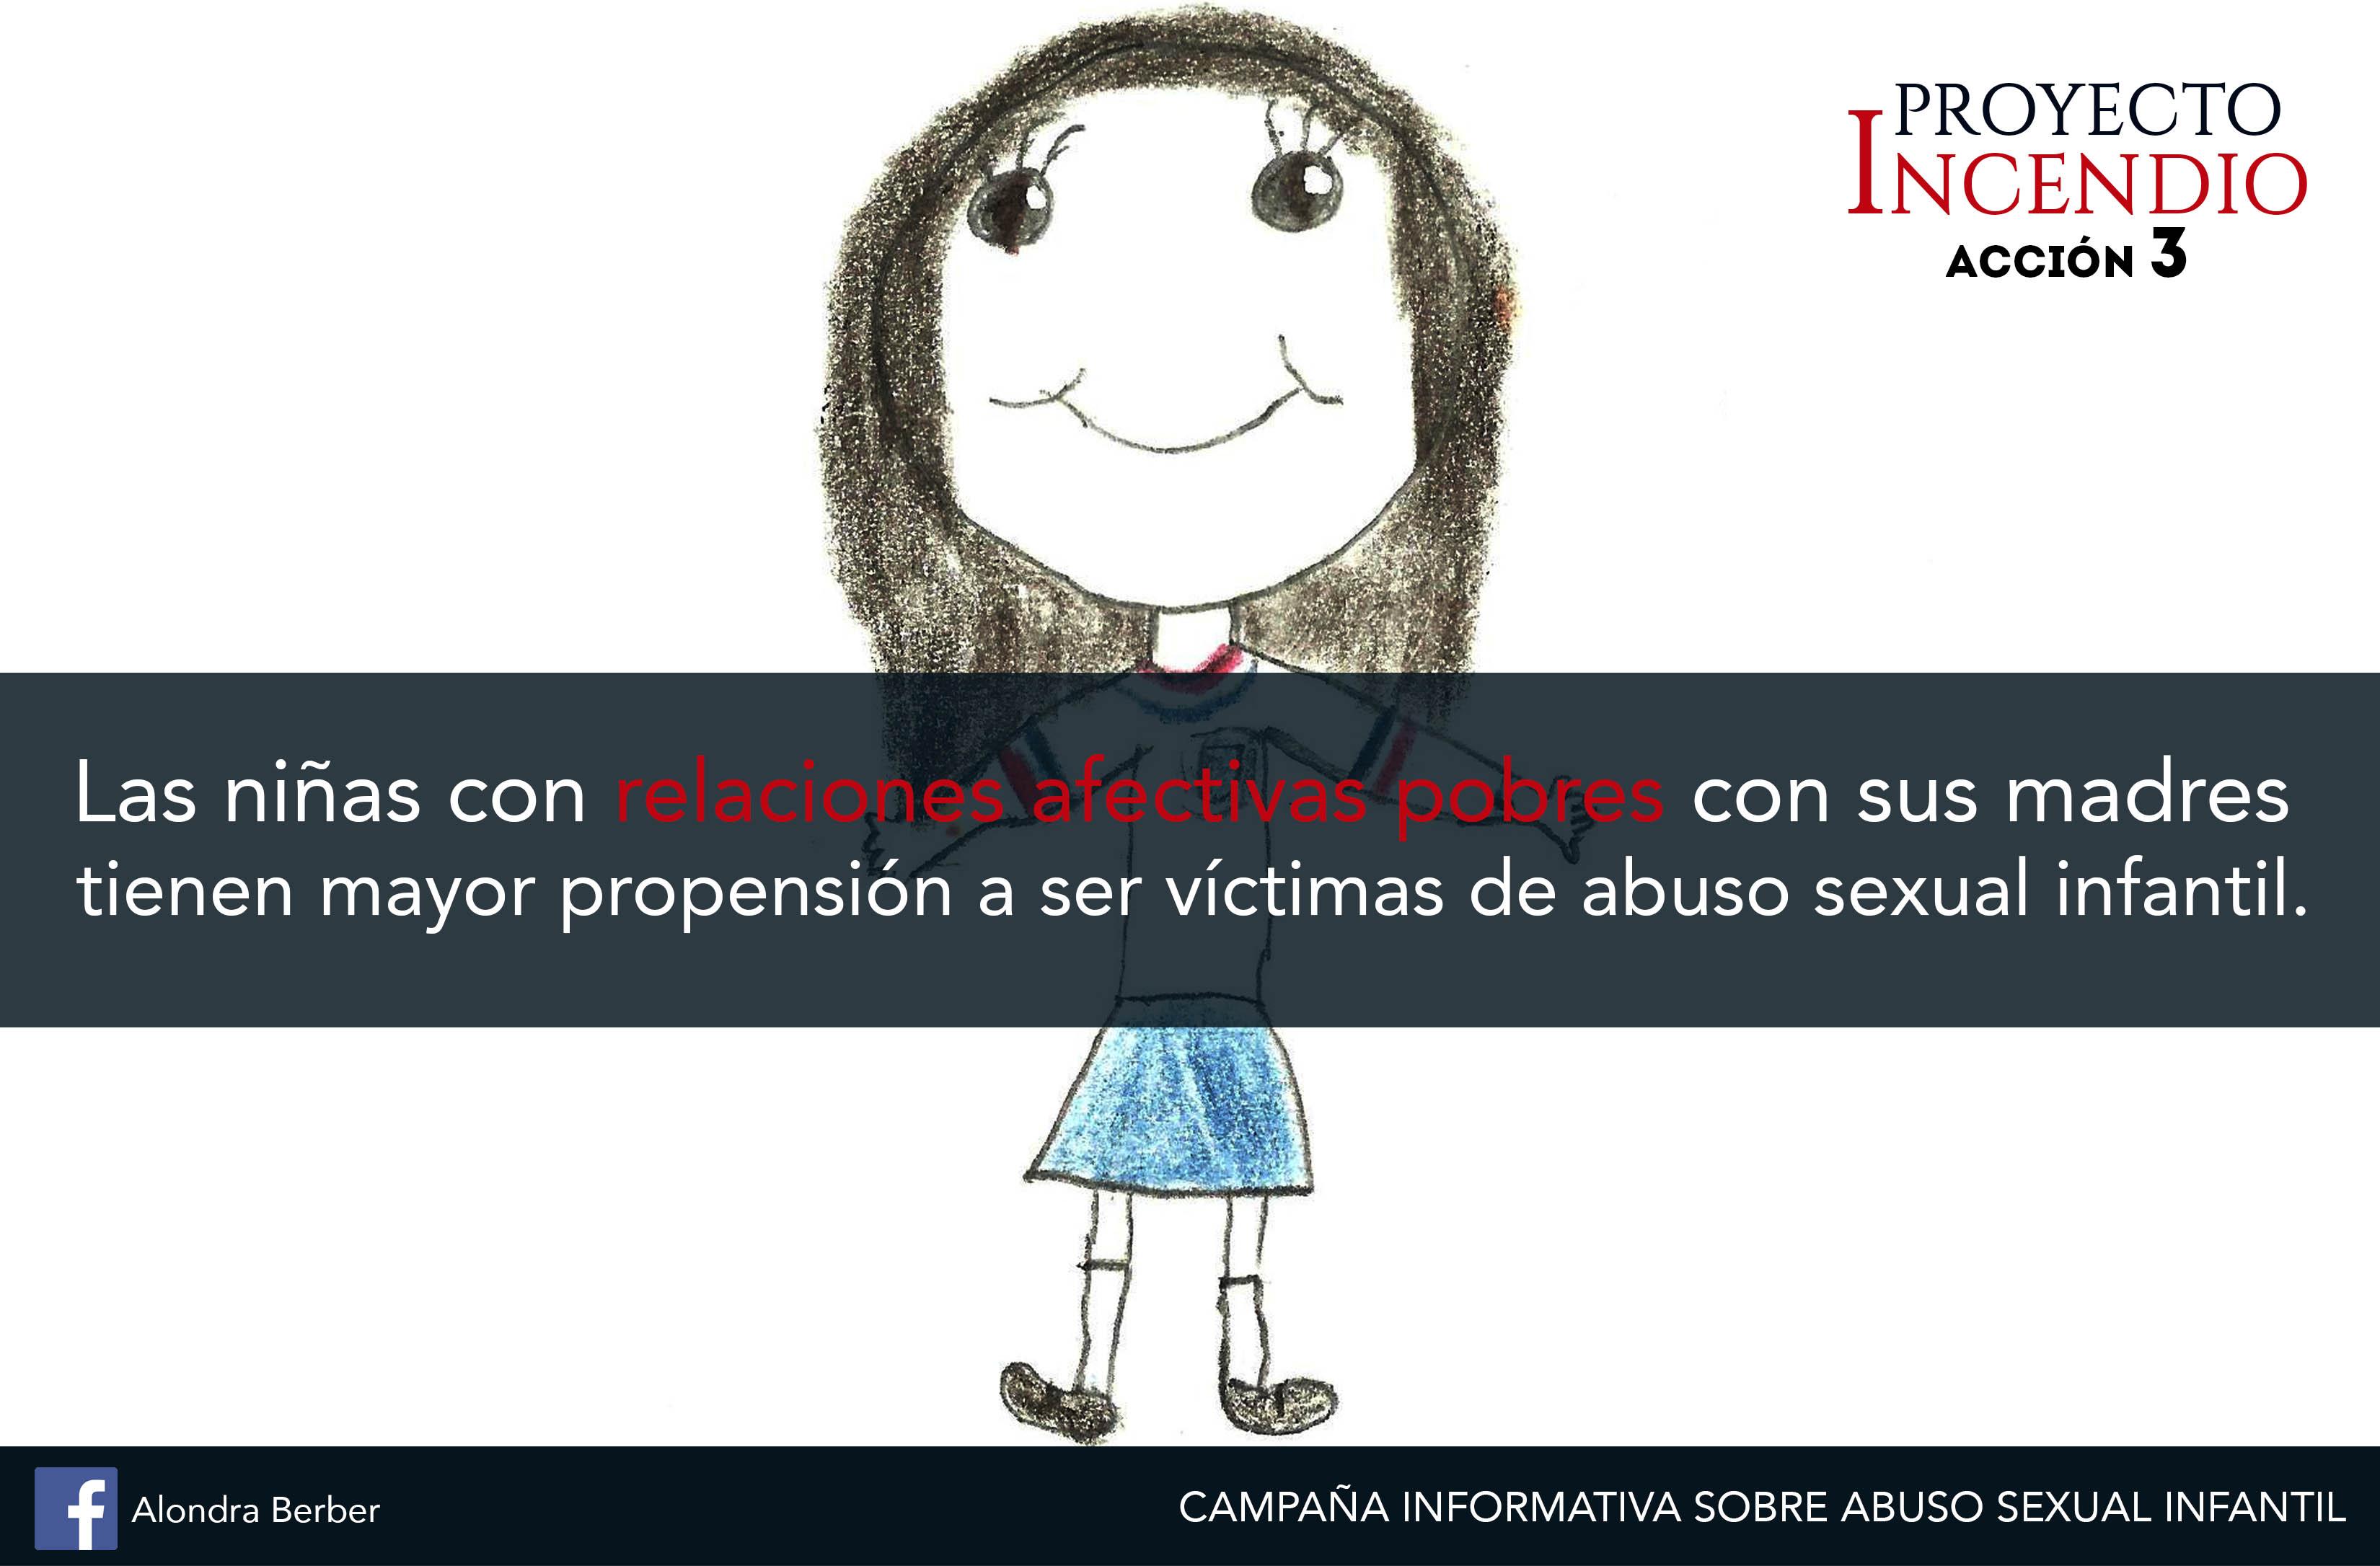 campaña_informativa_afecto_pobre_madres